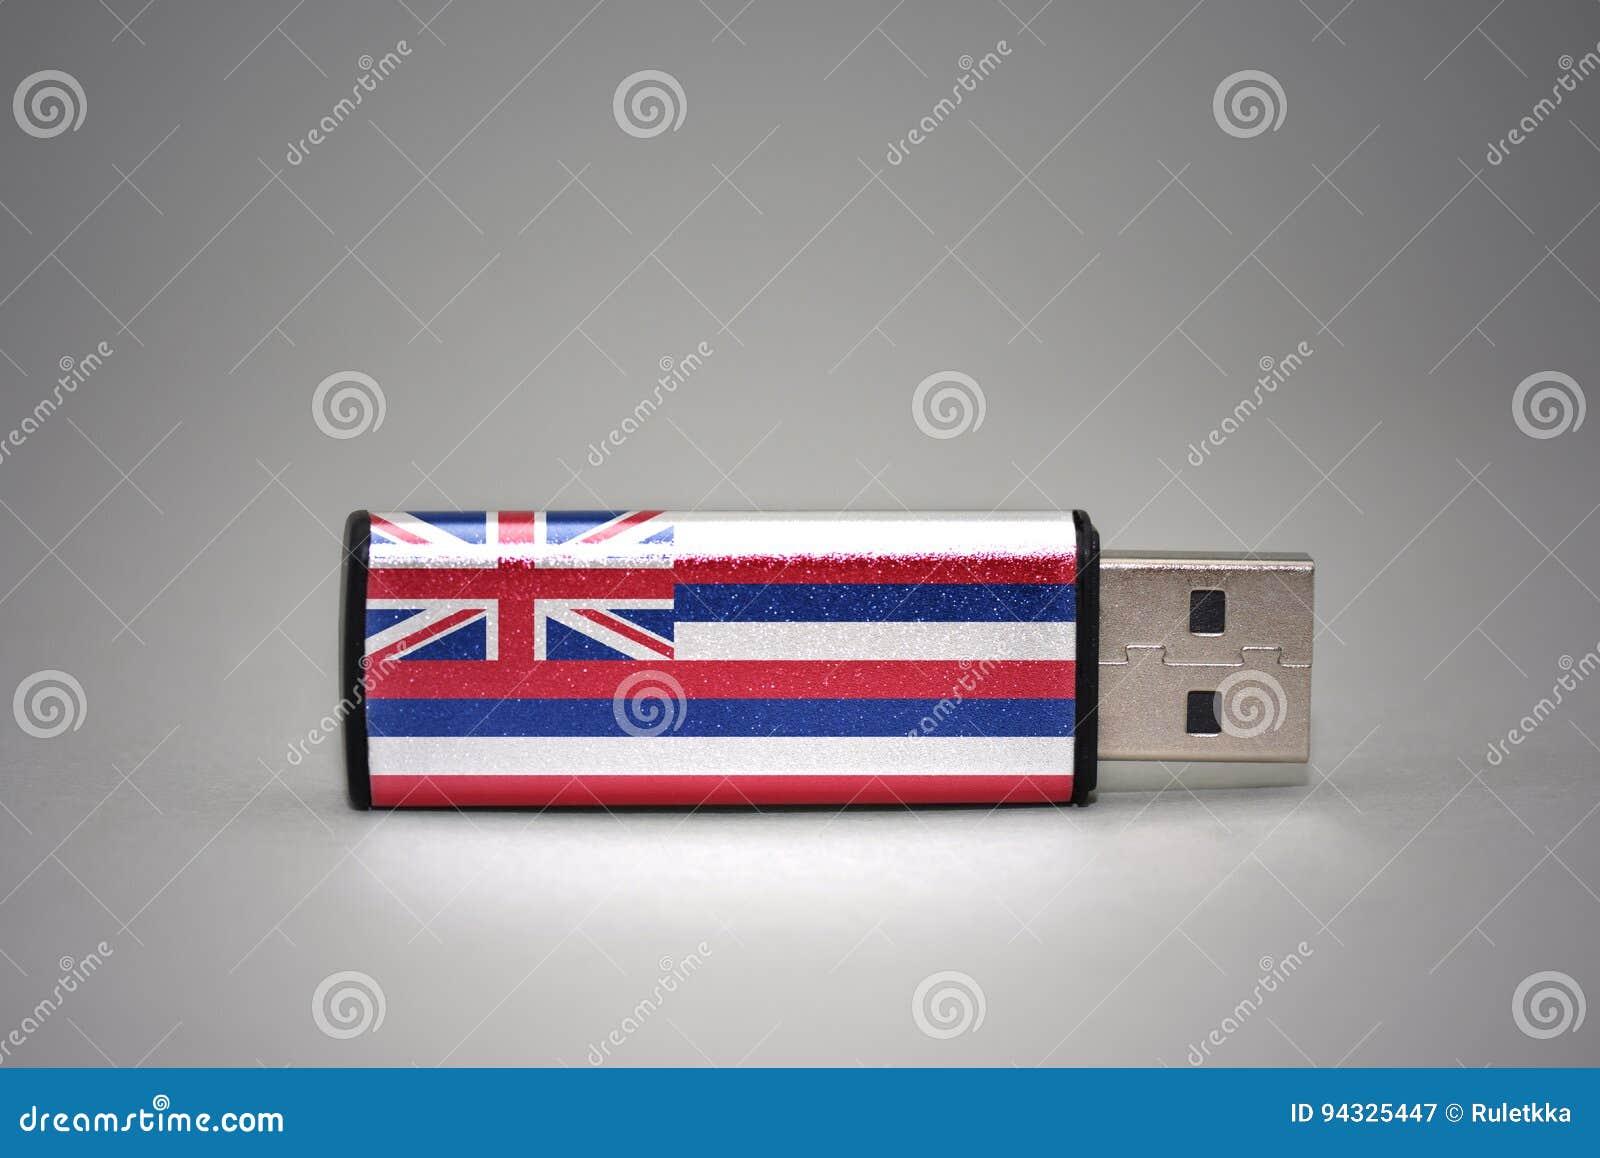 Usb-exponeringsdrev med den hawaii statflaggan på grå bakgrund